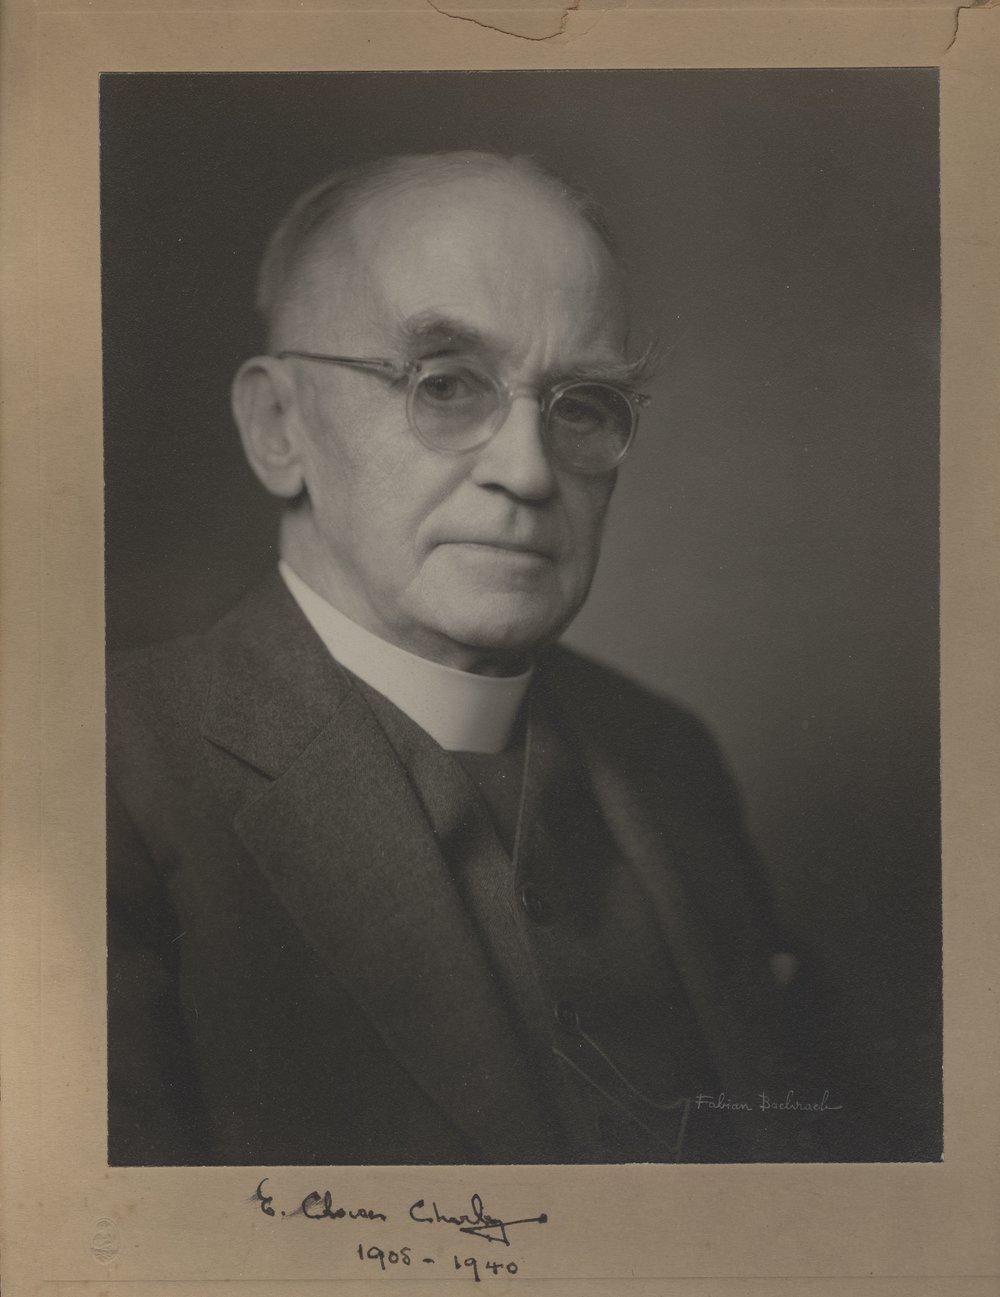 Edward Clowes Chorley